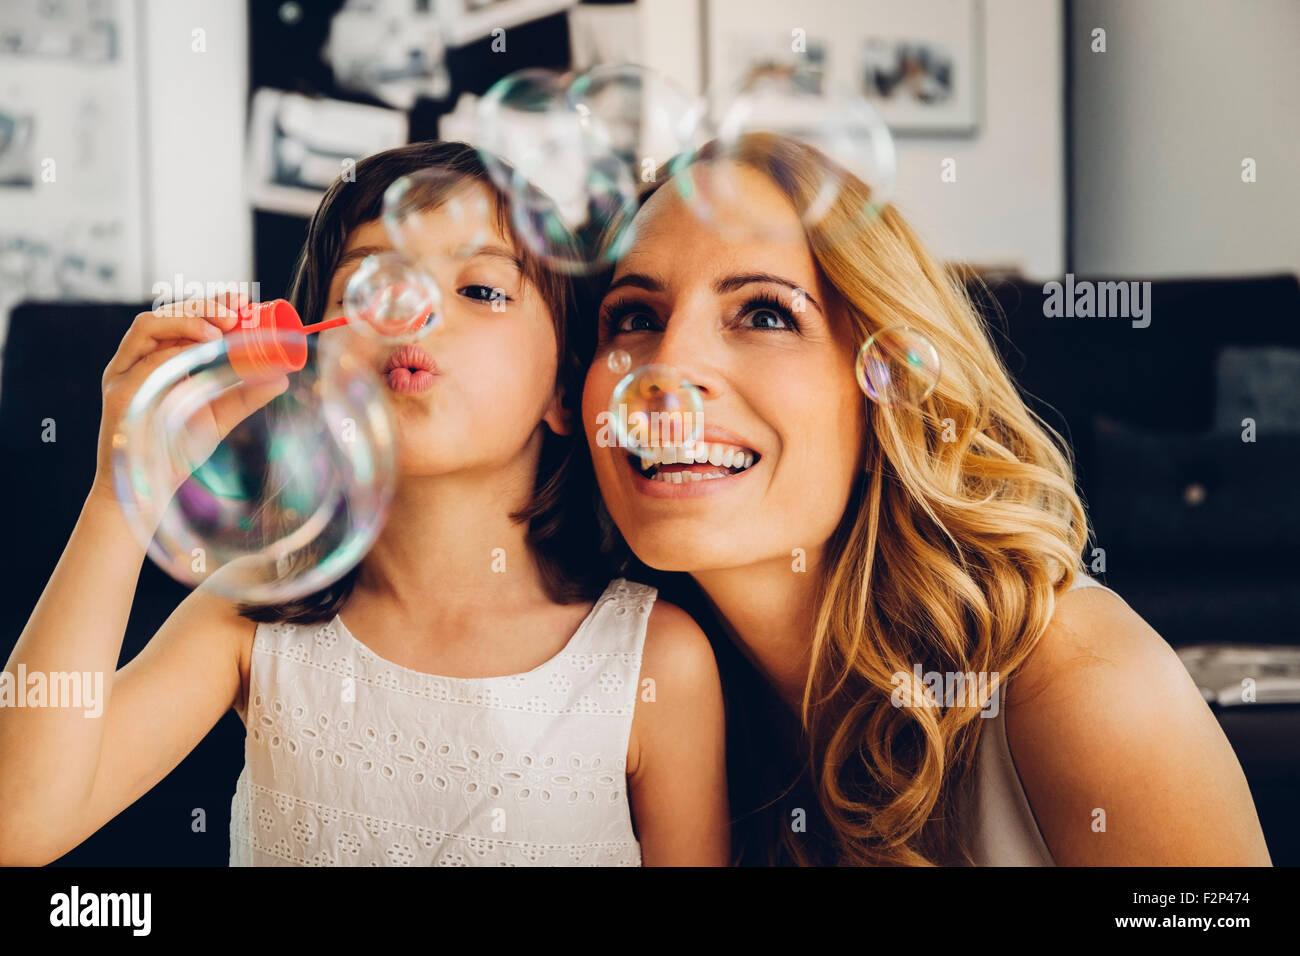 Feliz madre con su hija en casa soplando burbujas de jabón Imagen De Stock